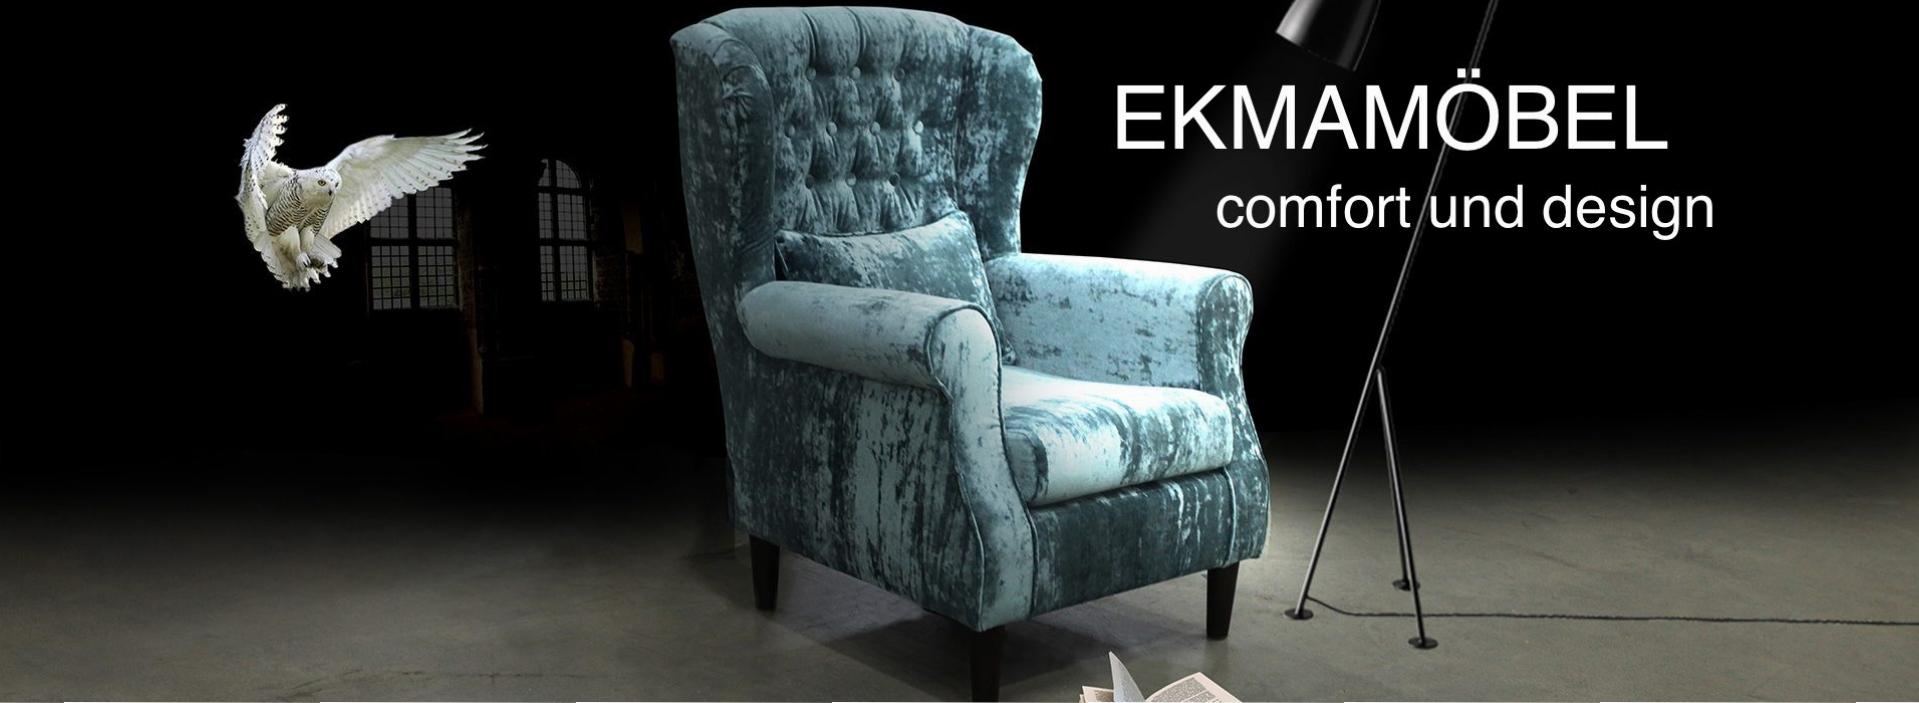 http://ekma-design.de/